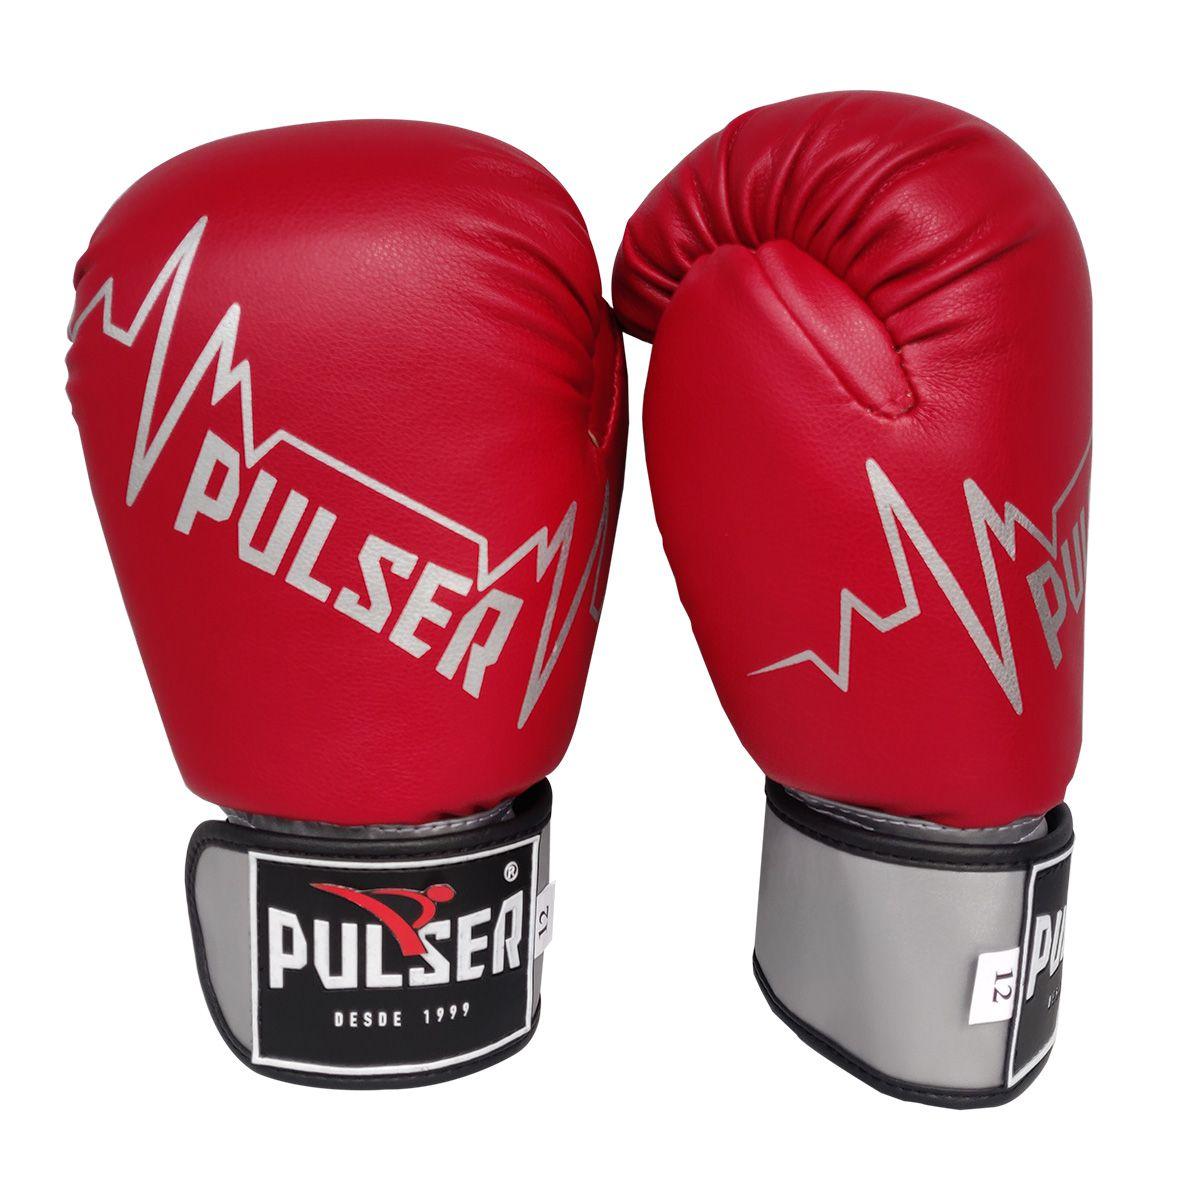 Luva de Boxe / Muay Thai 12oz - Vermelho Pulser -Pulser  - PRALUTA SHOP